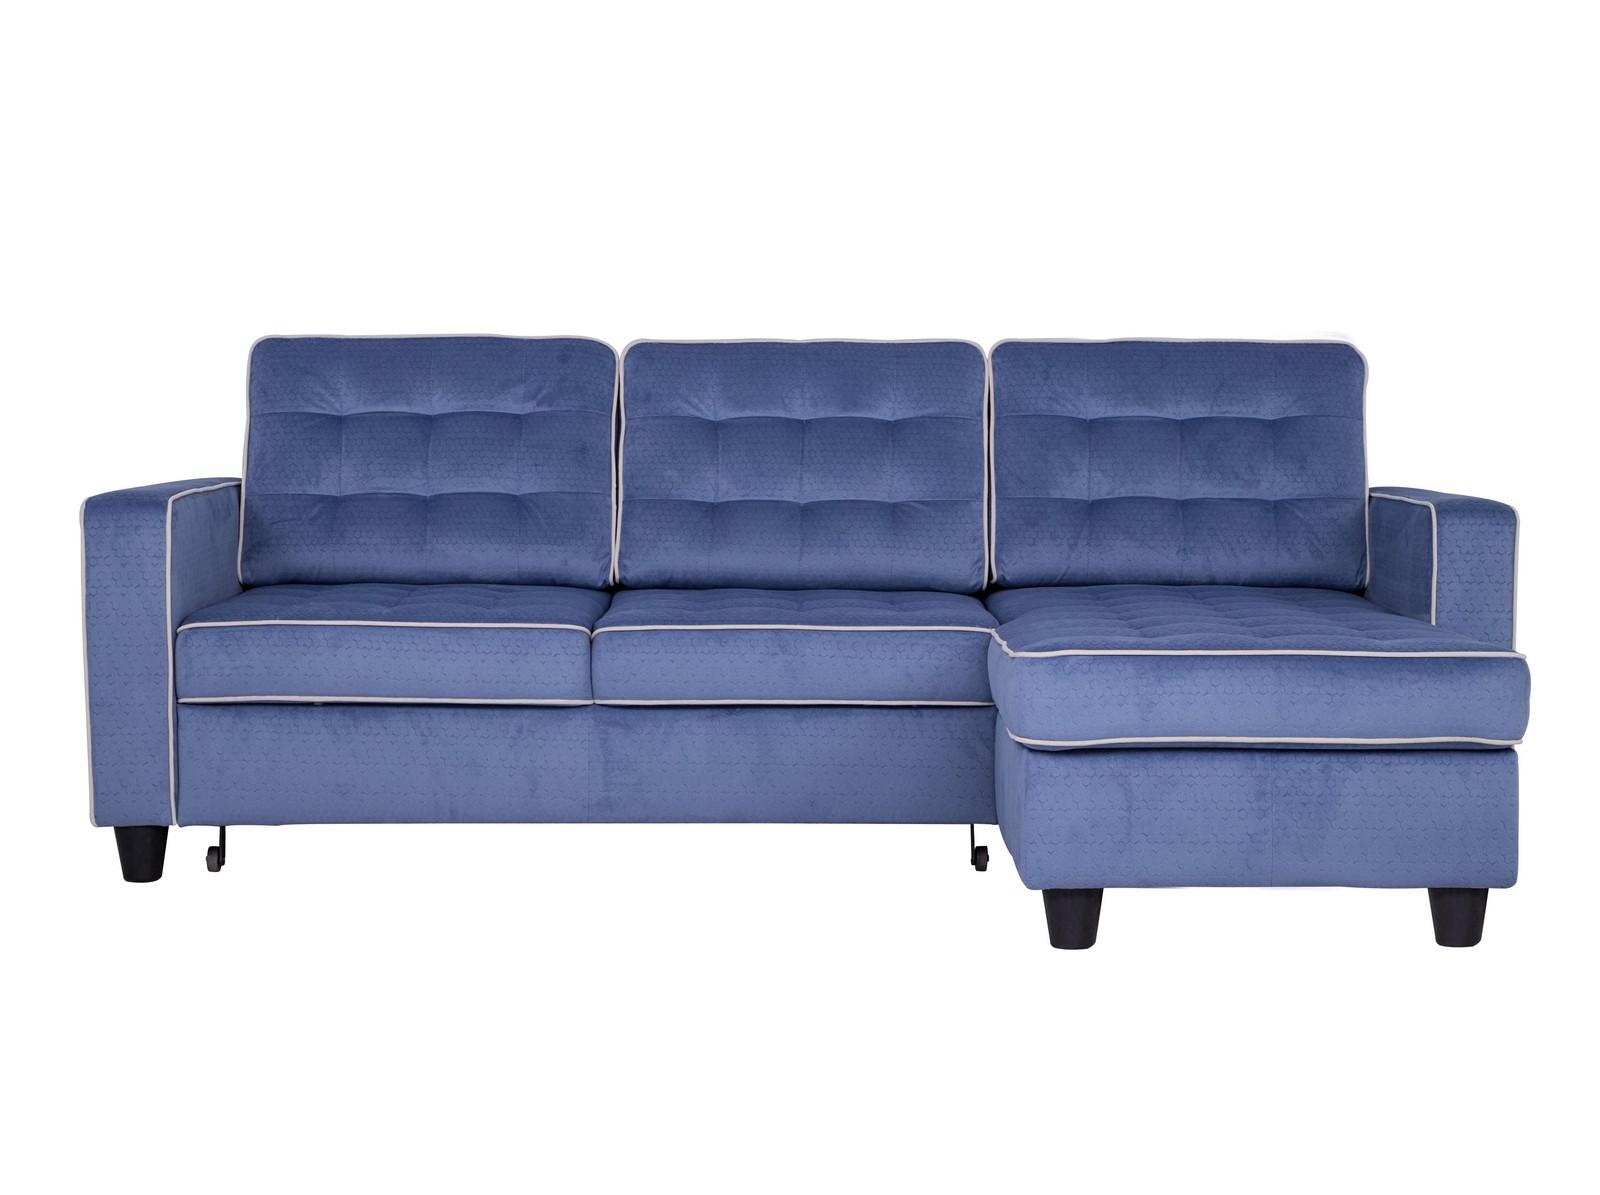 Угловой диван-кровать КамелотУгловые раскладные диваны<br>Строгий силуэт и лаконичность линий — вот отличительные особенности дивана «Камелот». <br>Дизайн подушек, выполненный с популярными сейчас утяжками, подчеркивает рельефные формы модели. Сборка требуется, все крепления входят в стоимость, оснащен механизмом трансформации&amp;lt;div&amp;gt;&amp;lt;br&amp;gt;&amp;lt;/div&amp;gt;&amp;lt;div&amp;gt;Материал обивки: микрофибра&amp;lt;br&amp;gt;Размер спального места: 196х135 см&amp;lt;/div&amp;gt;<br><br>Material: Текстиль<br>Width см: 229<br>Depth см: 156<br>Height см: 90